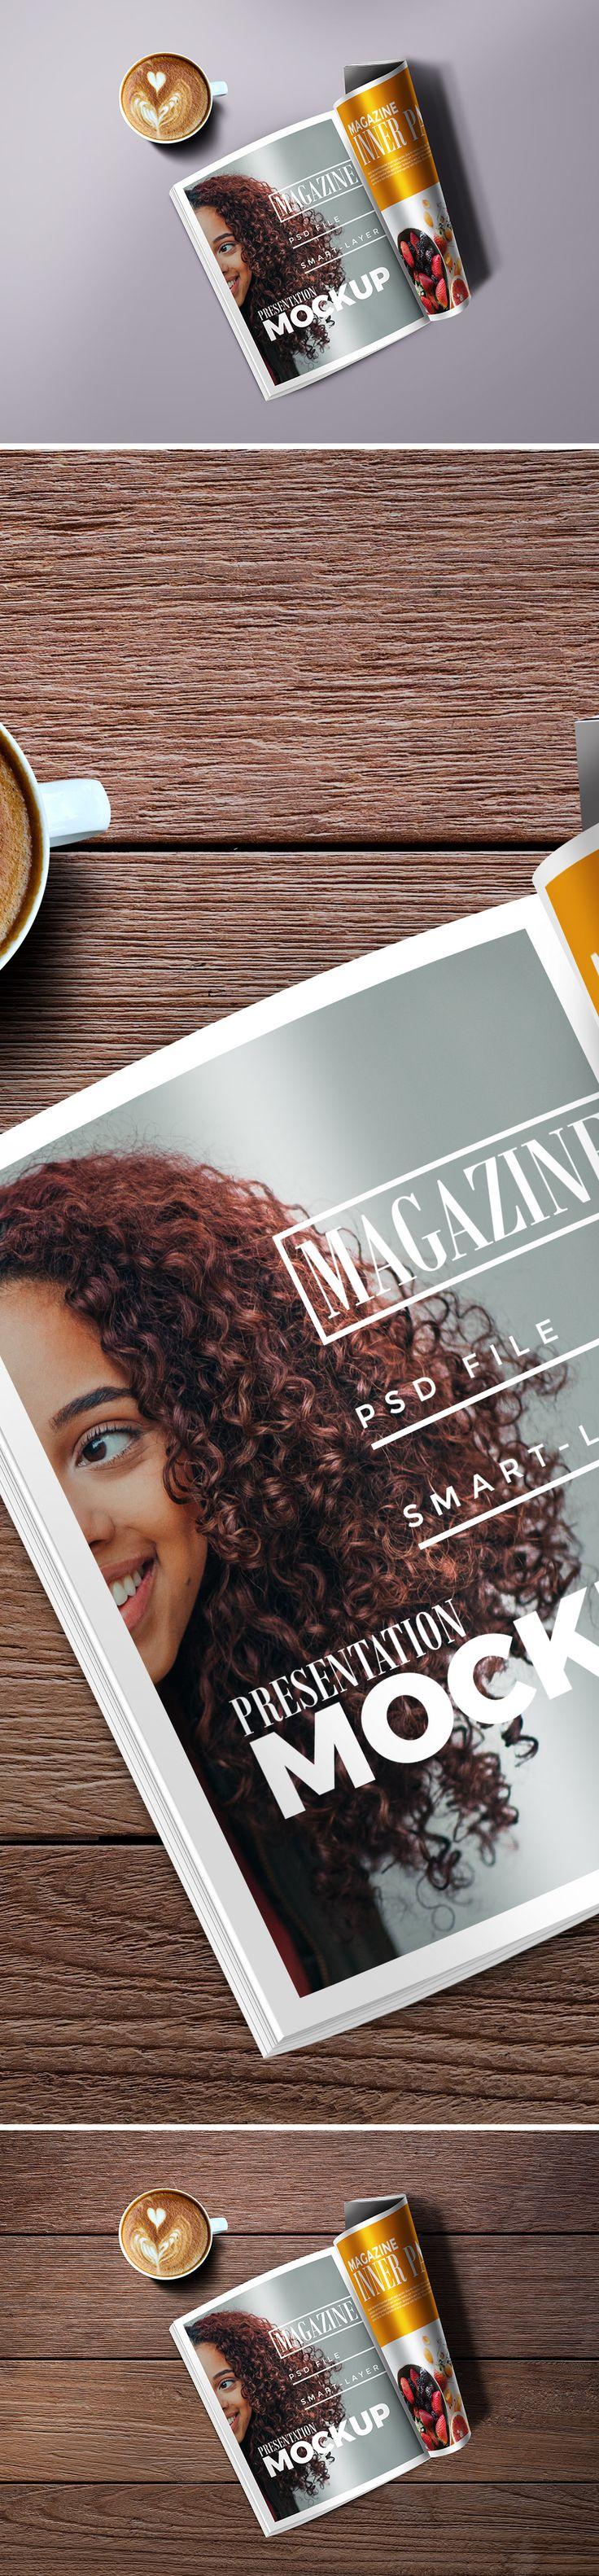 #Magazine #Mockup #PSD